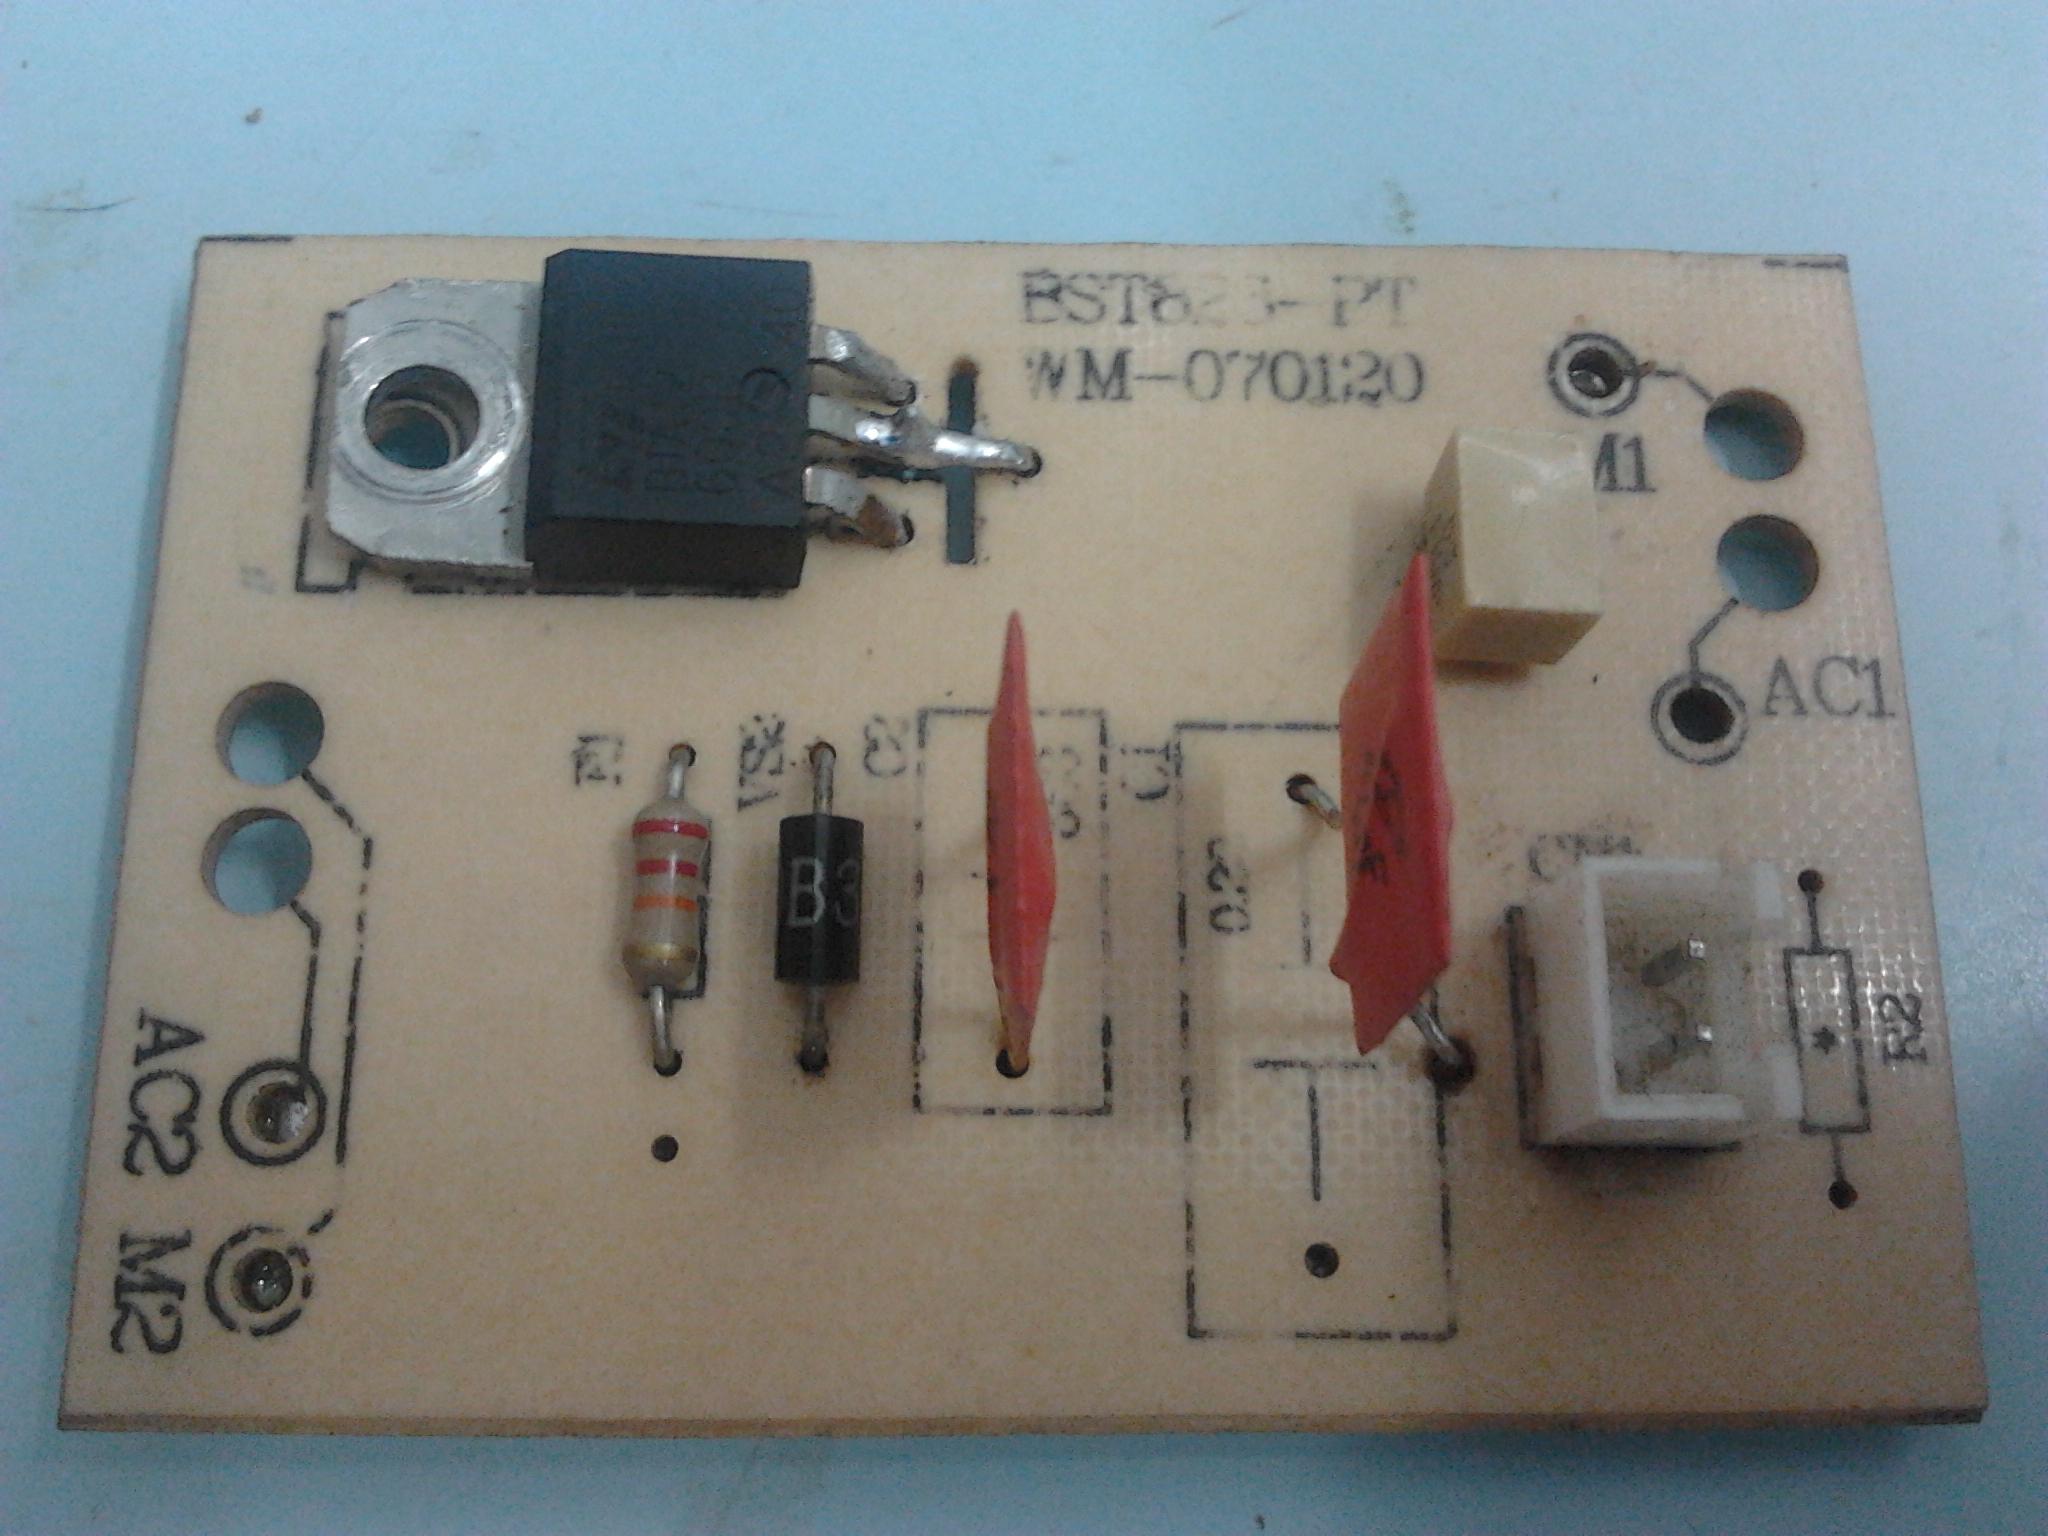 Регулятор тока своими руками : схема и инструкция. Регулятор постоянного 69